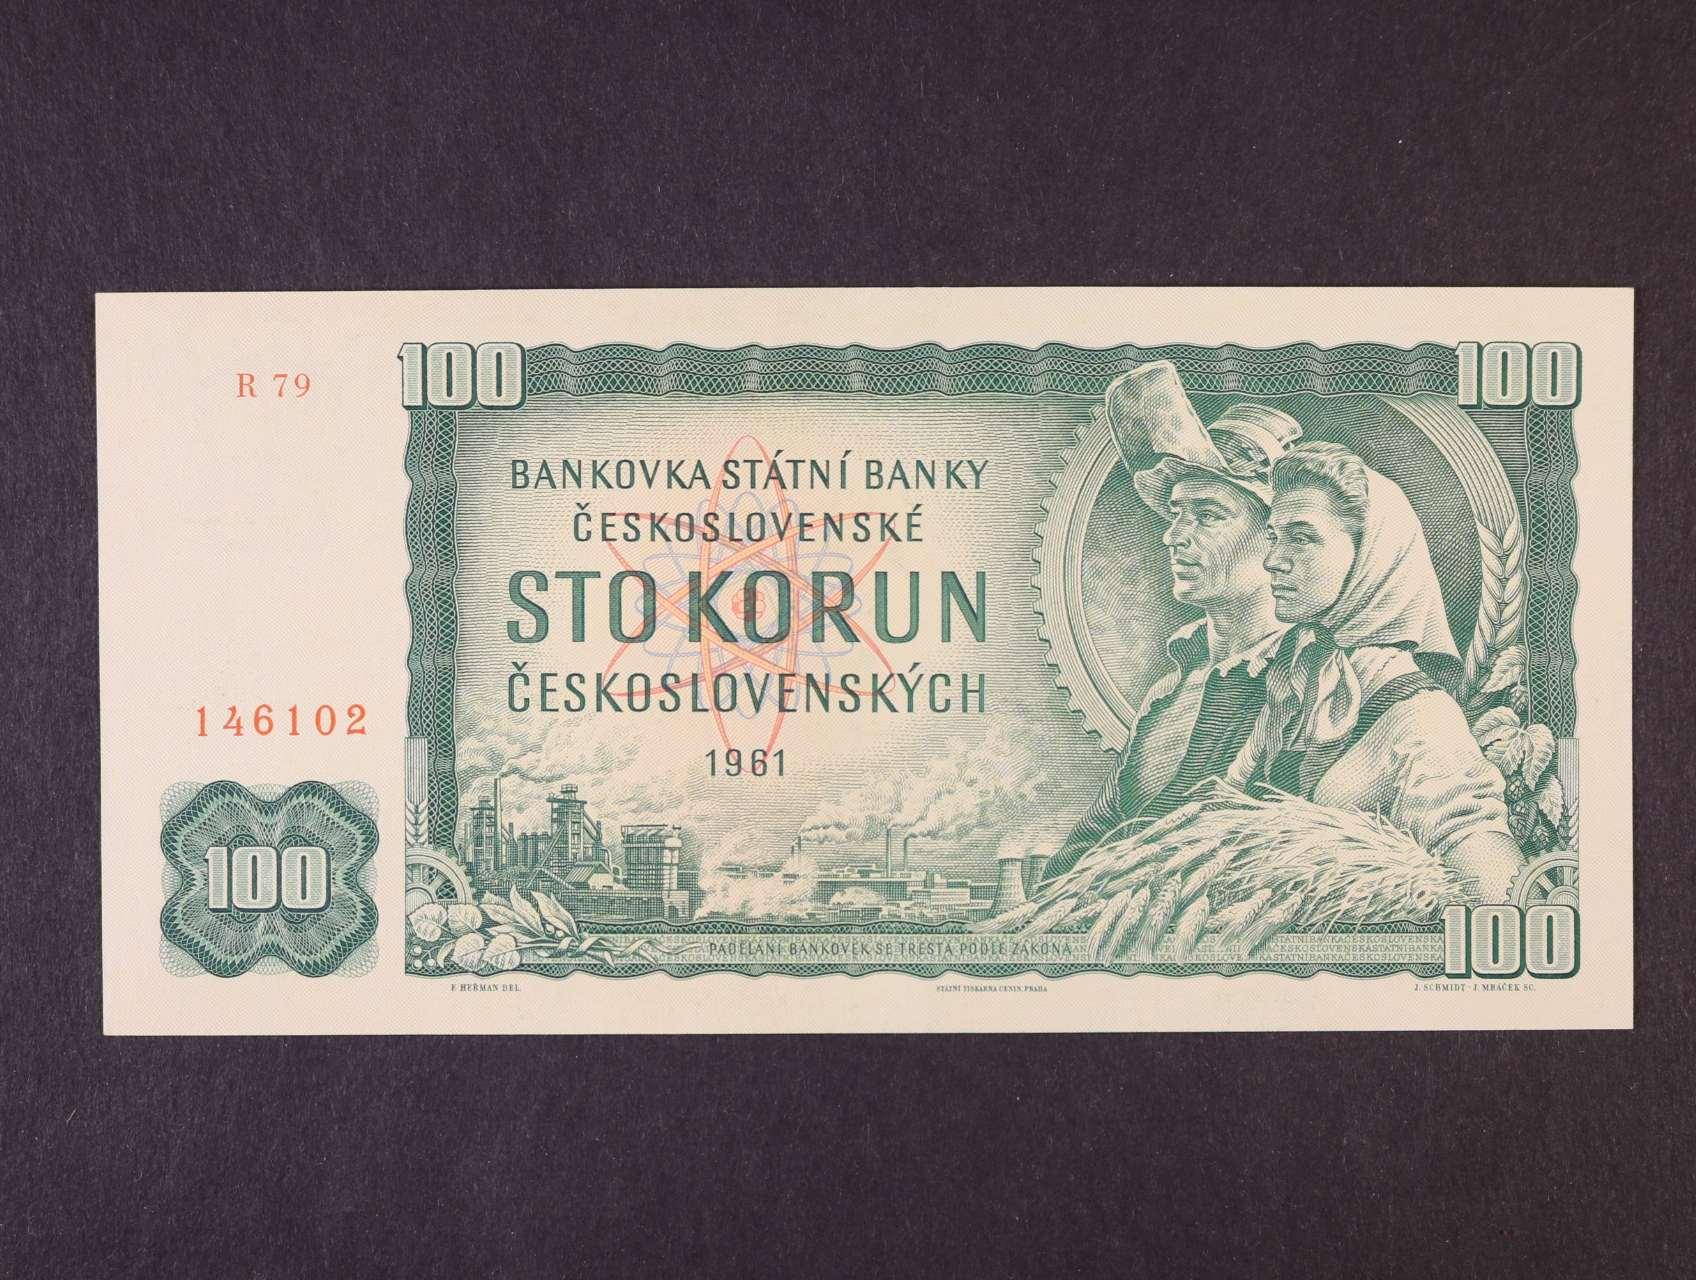 100 Kčs 1961 série R 79 široký číslovač 1c, Ba. 98b3, Pi. 91